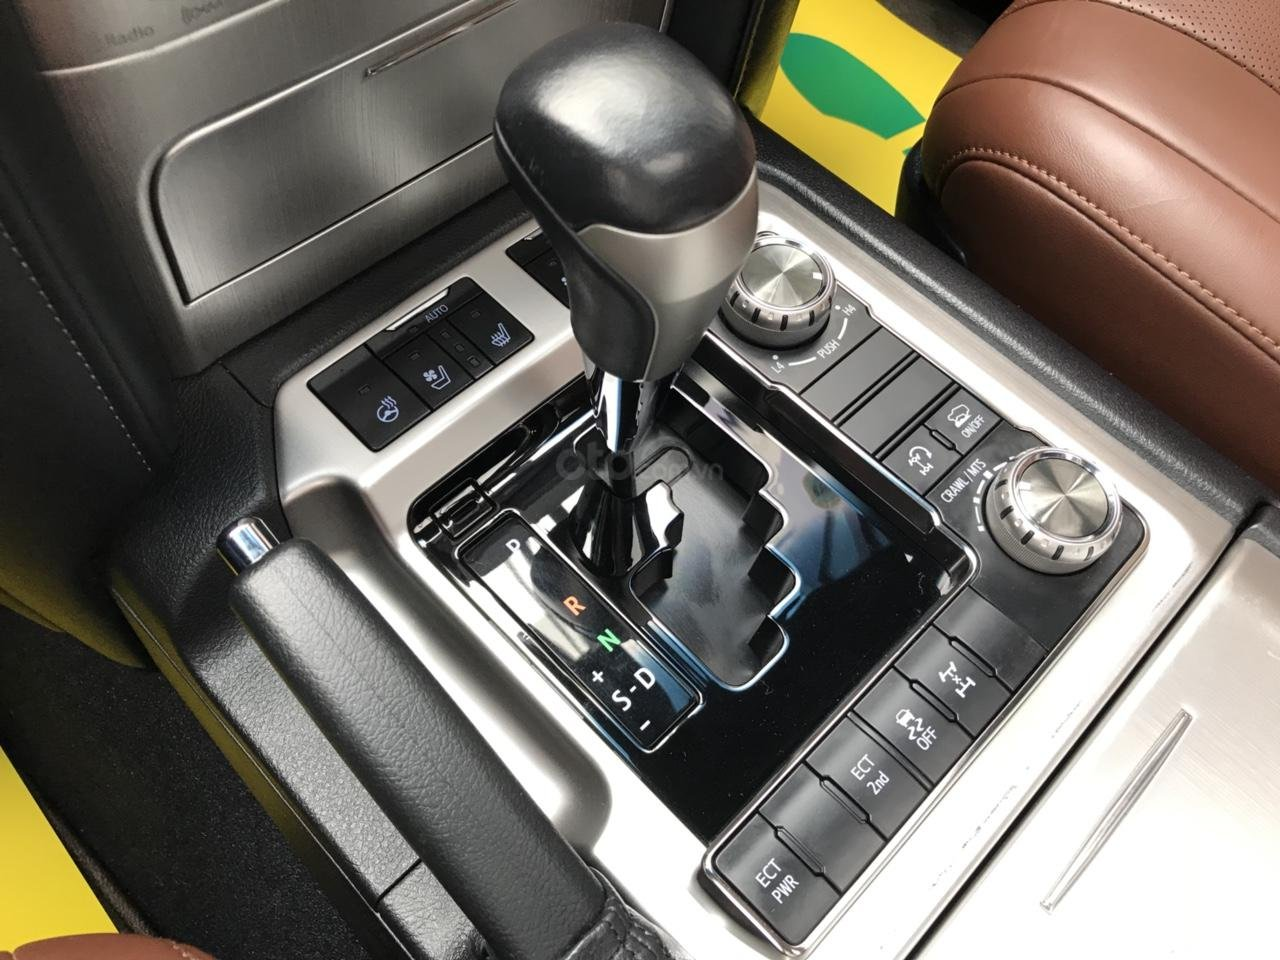 MT Auto bán Toyota Land Cruiser V8 5.7 SX 2016, xe mới 100% màu đen, xe nhập Mỹ nguyên chiếc - LH em Hương 0945392468-8